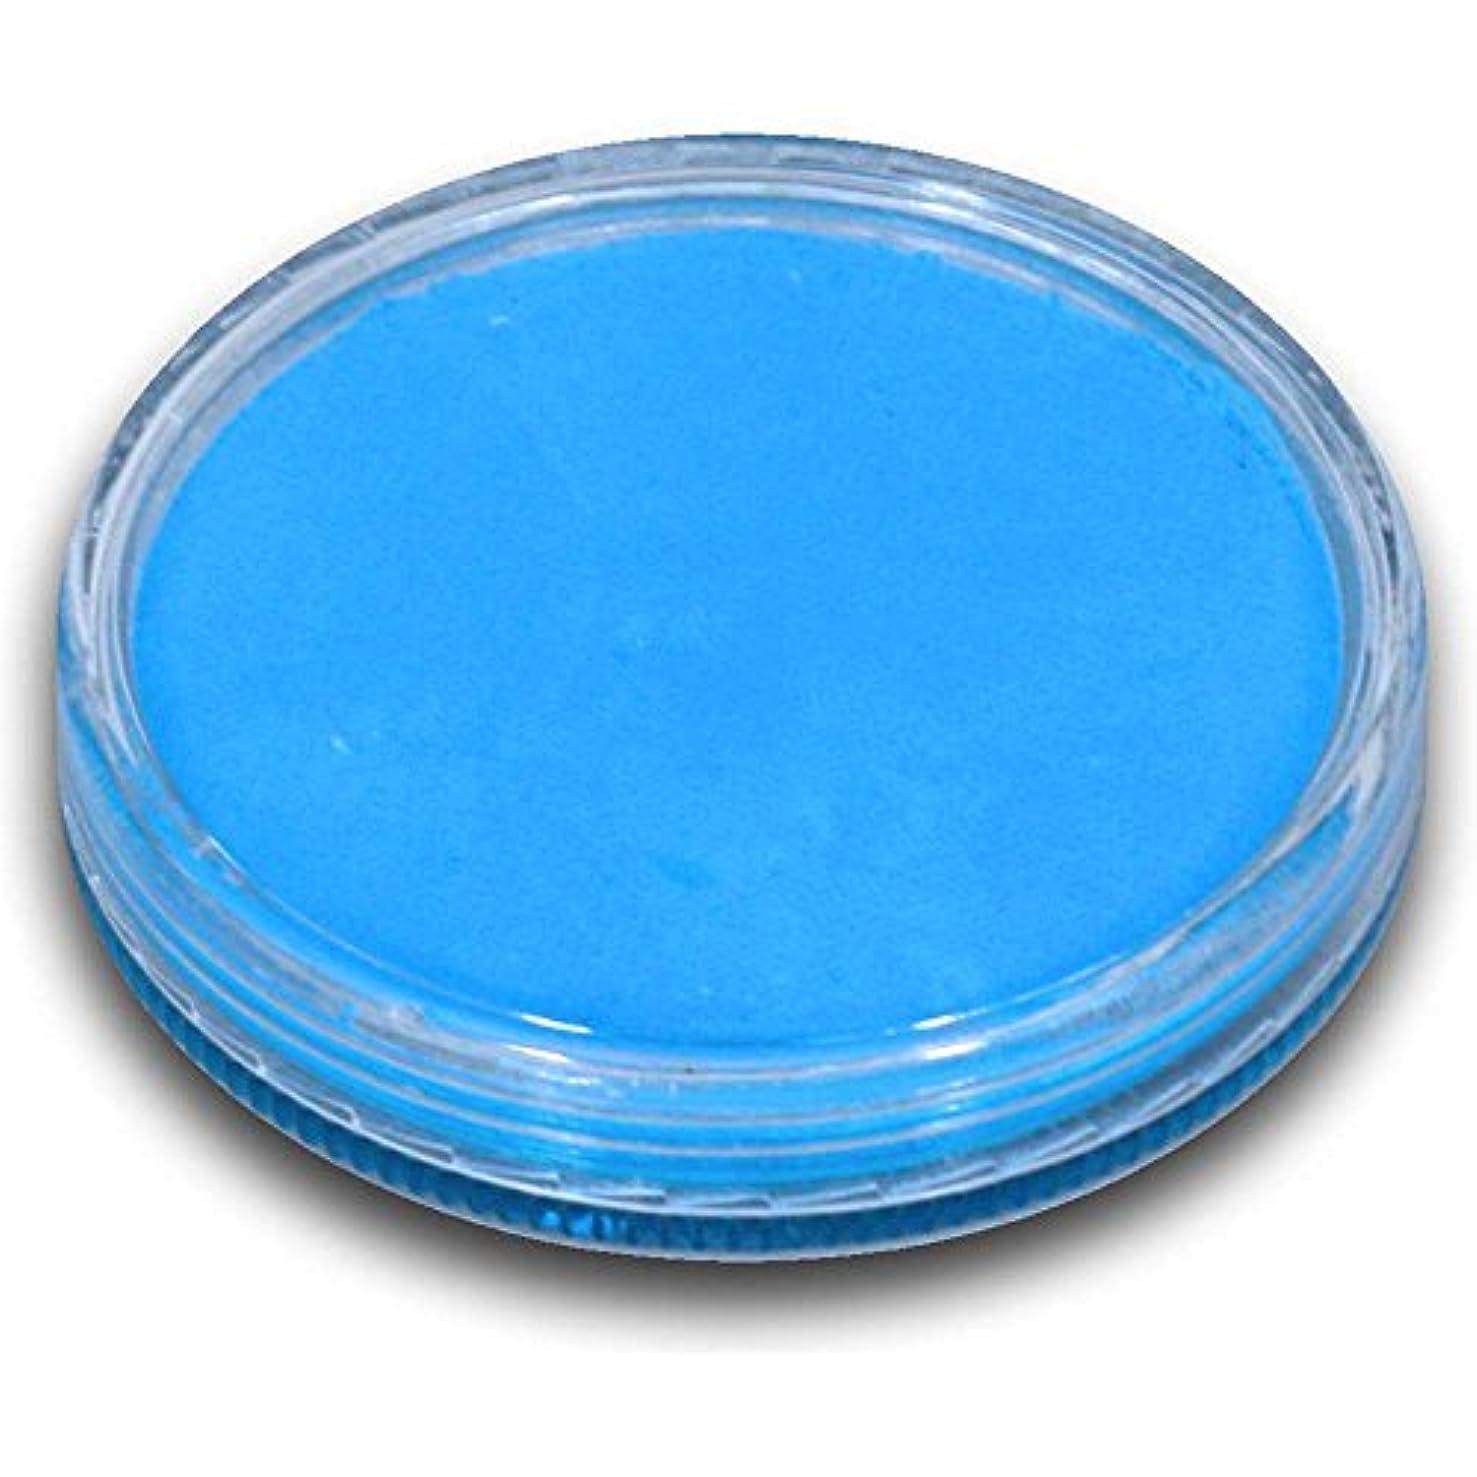 Wolfe FX Face Paints - Light Blue 066 (30 gm)